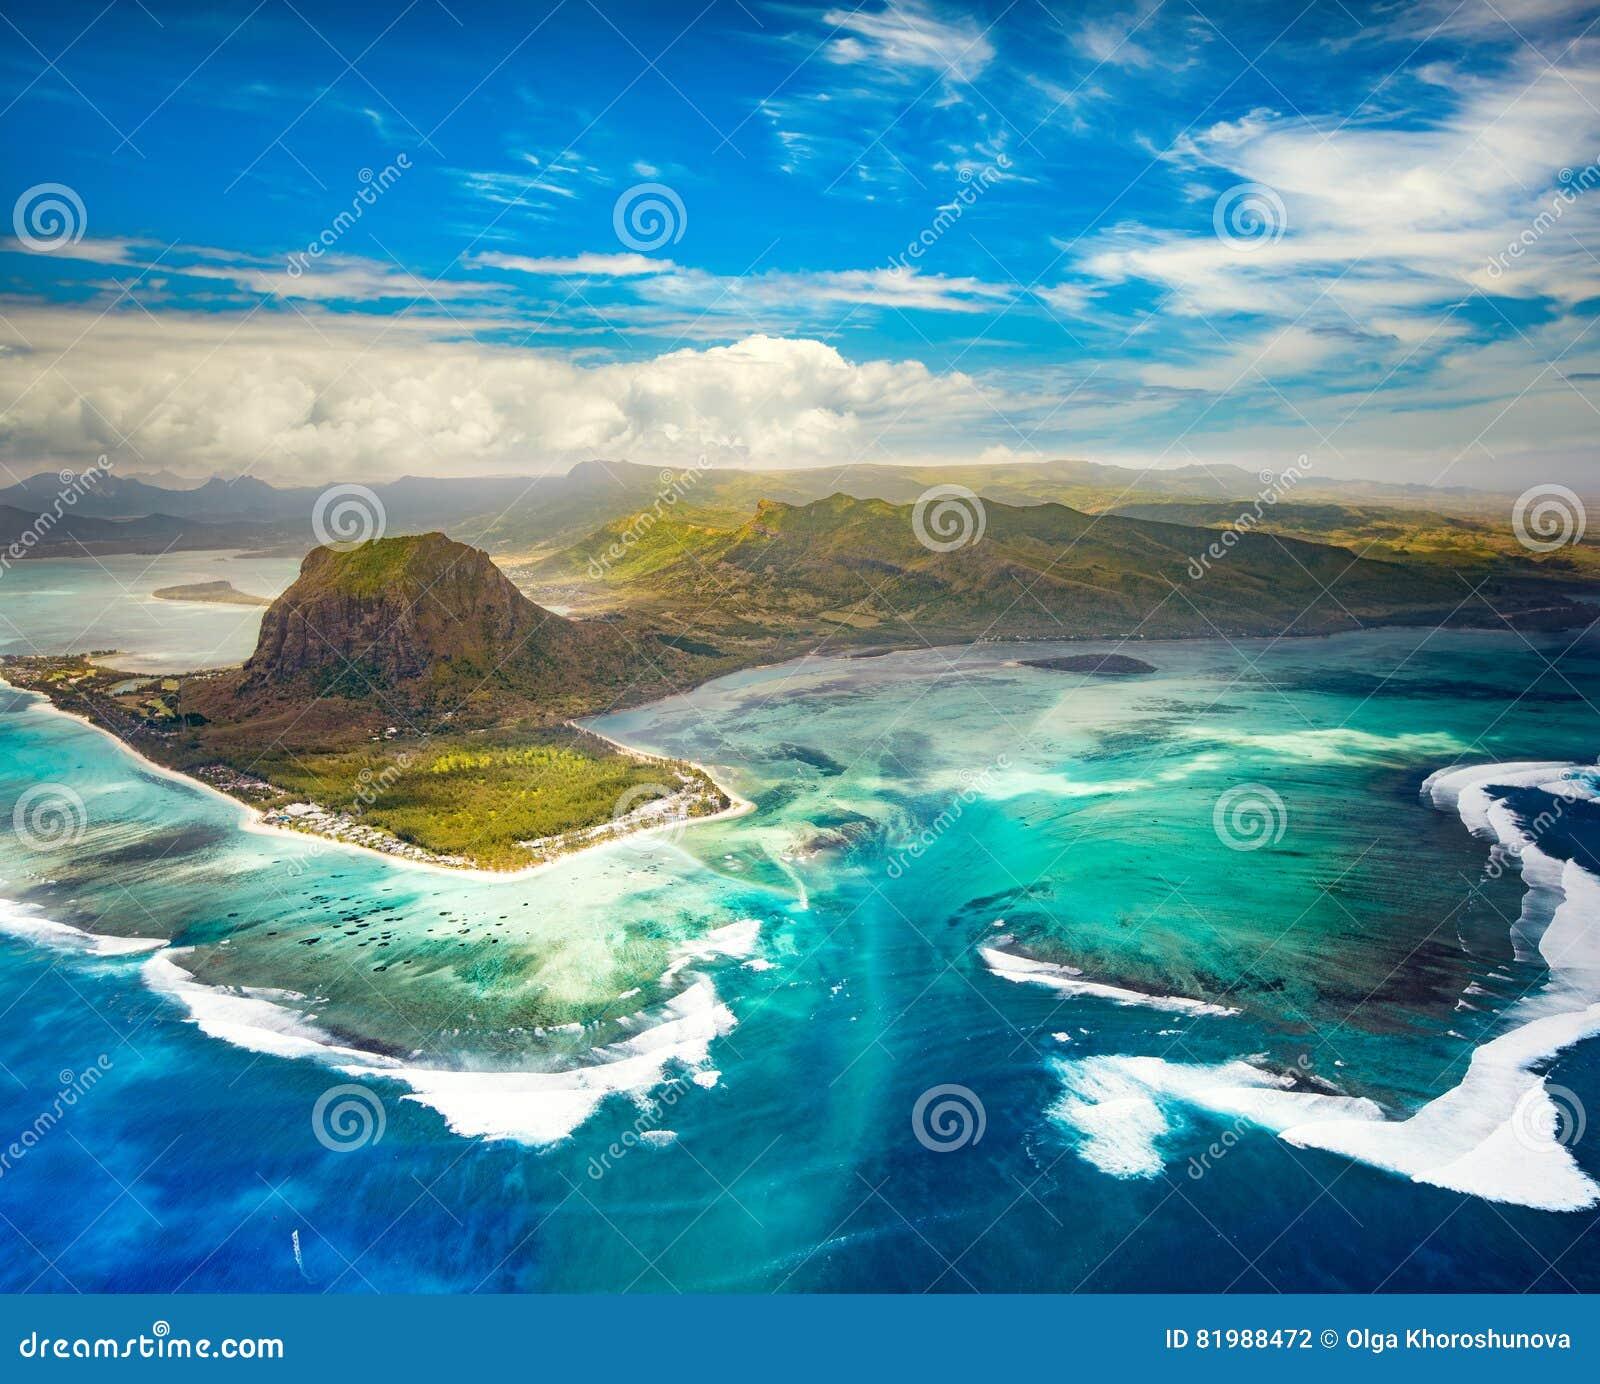 Вид с воздуха подводного водопада Маврикий